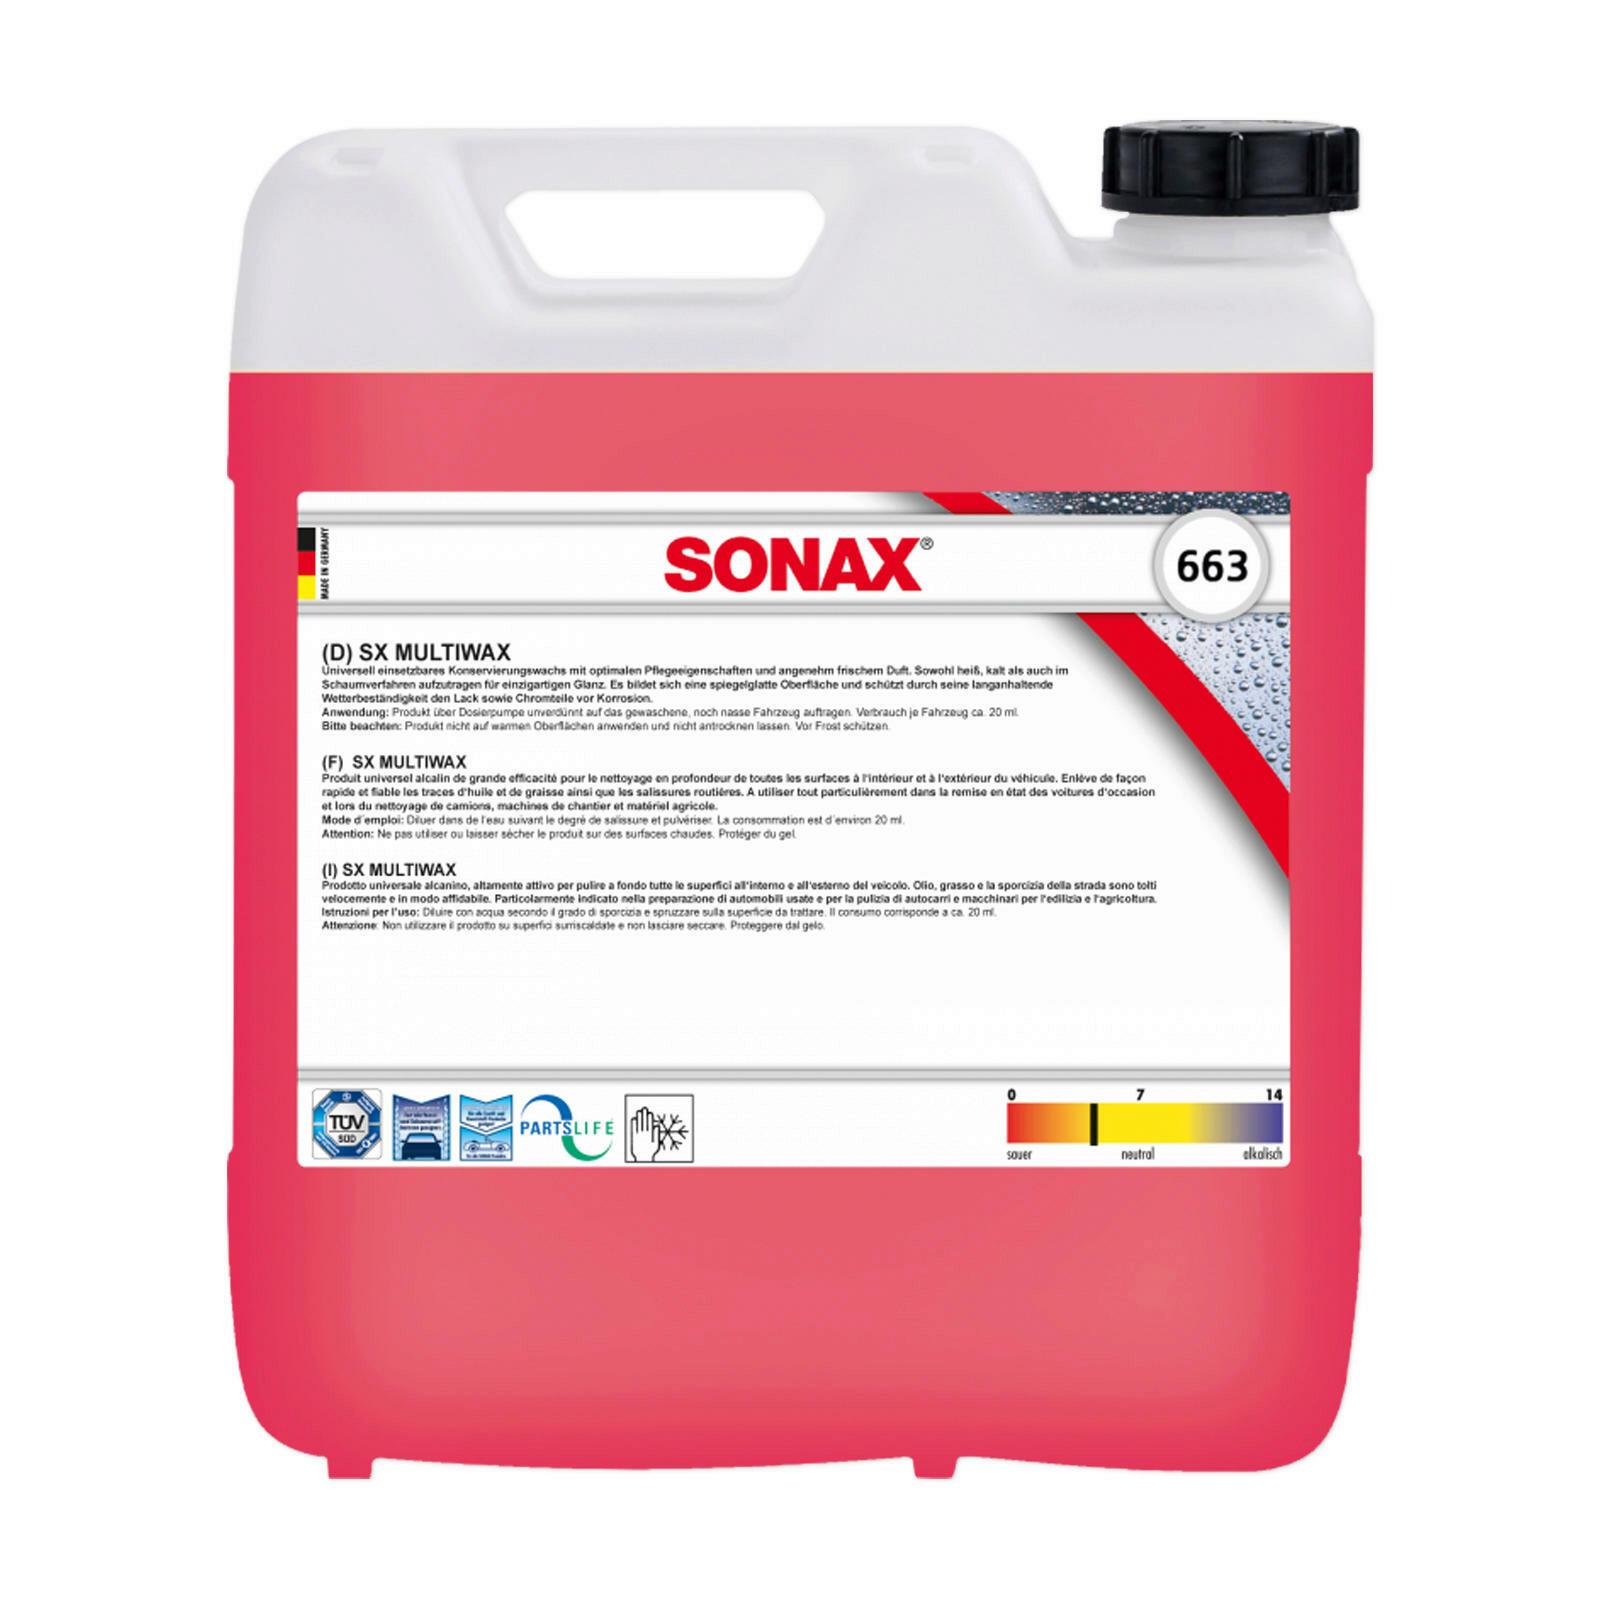 SONAX SX MultiWax 10L